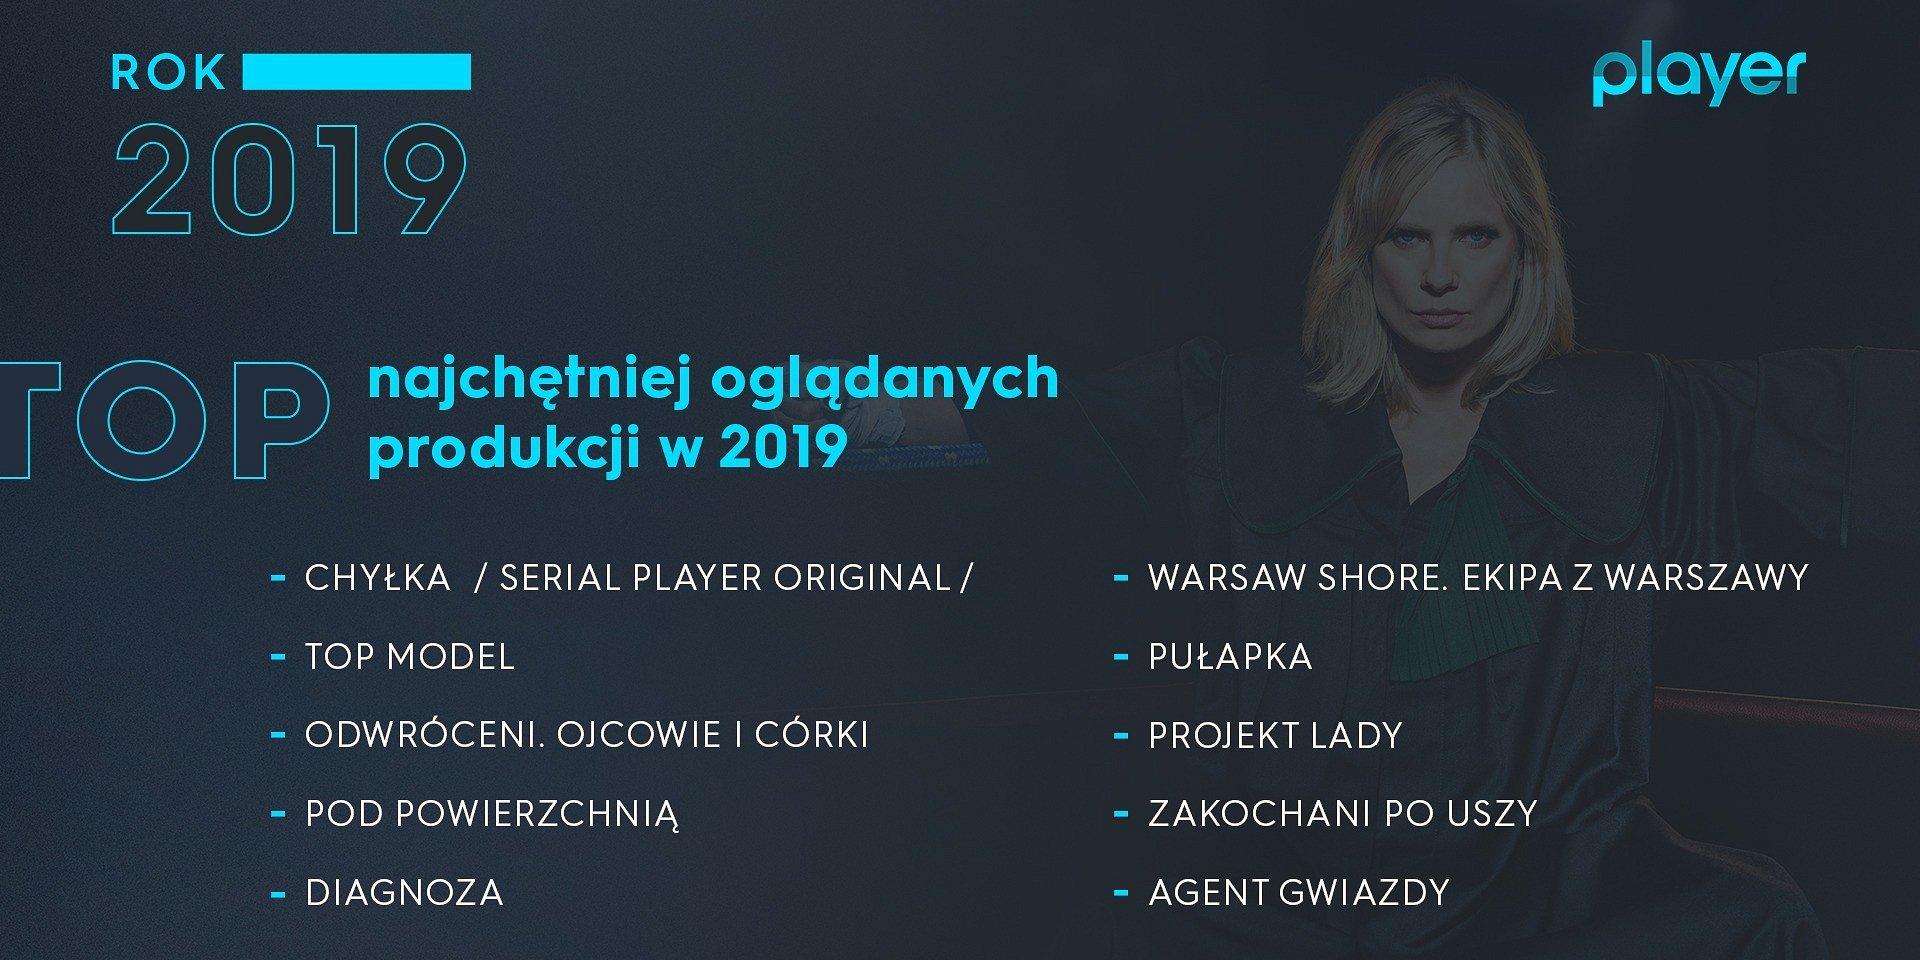 Rok 2019 – czasem Playera!